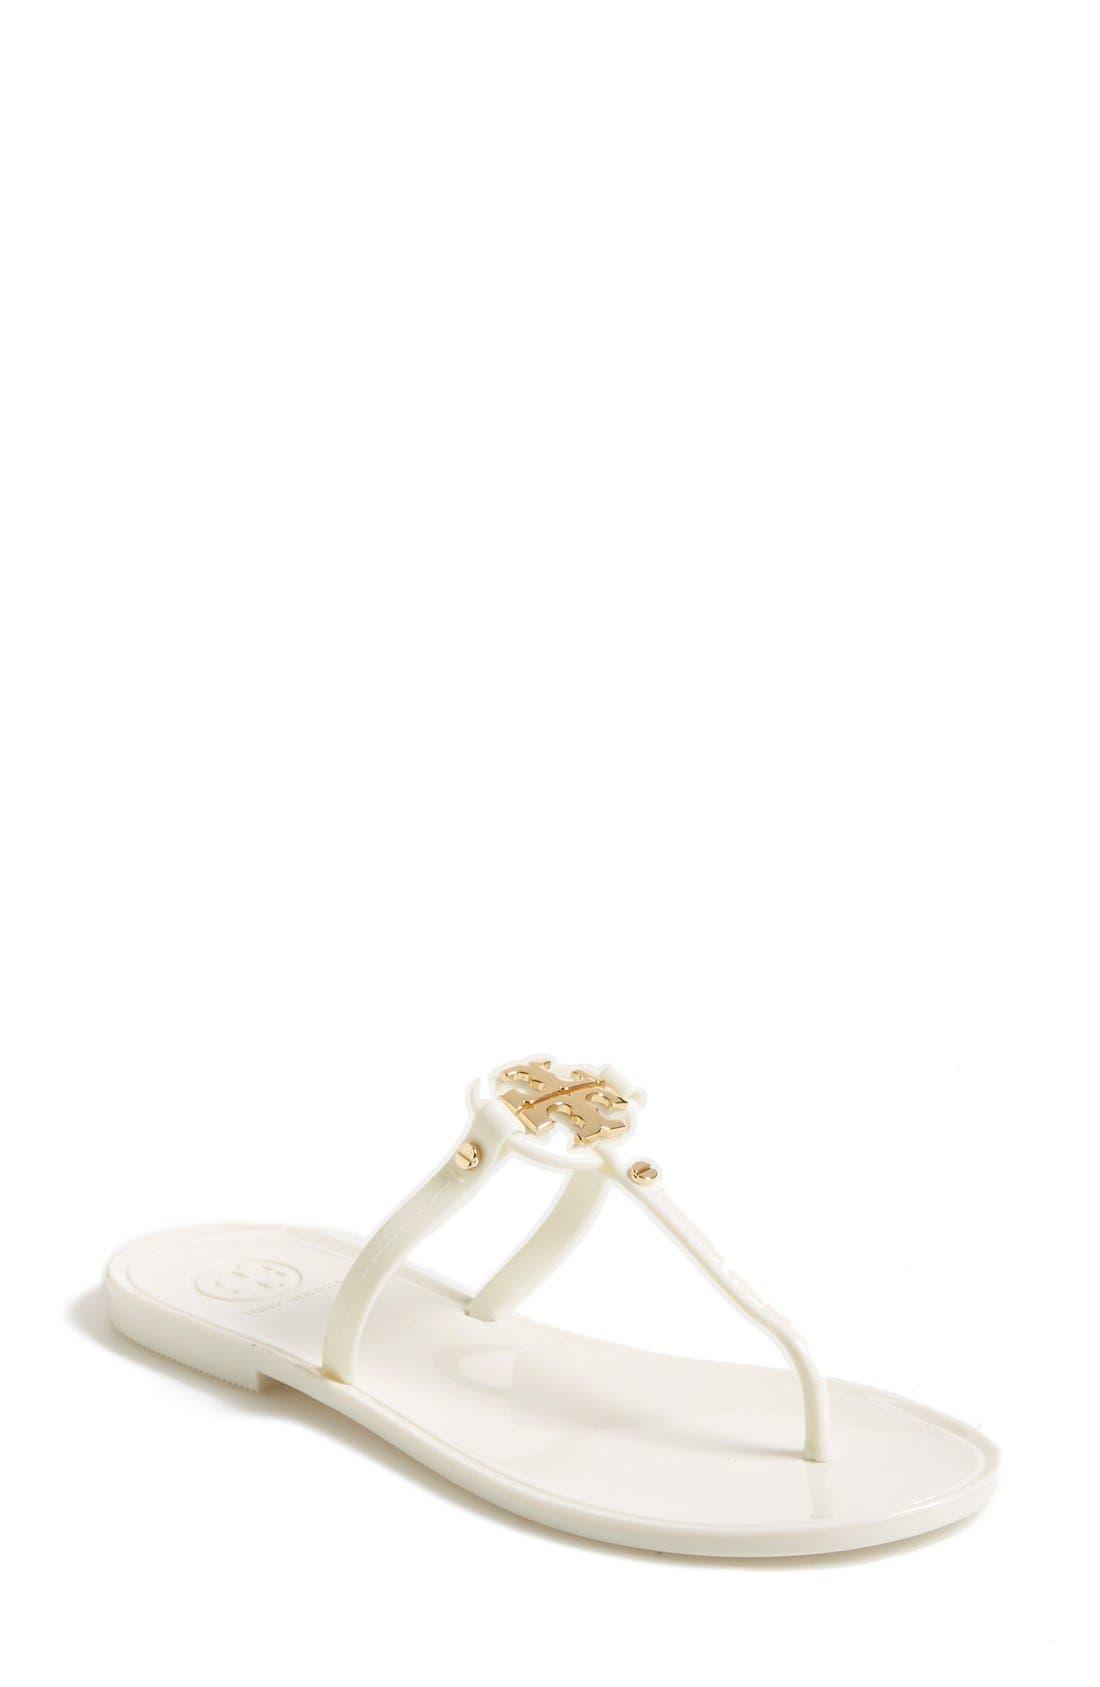 'Mini Miller' Flat Sandal,                             Main thumbnail 1, color,                             900